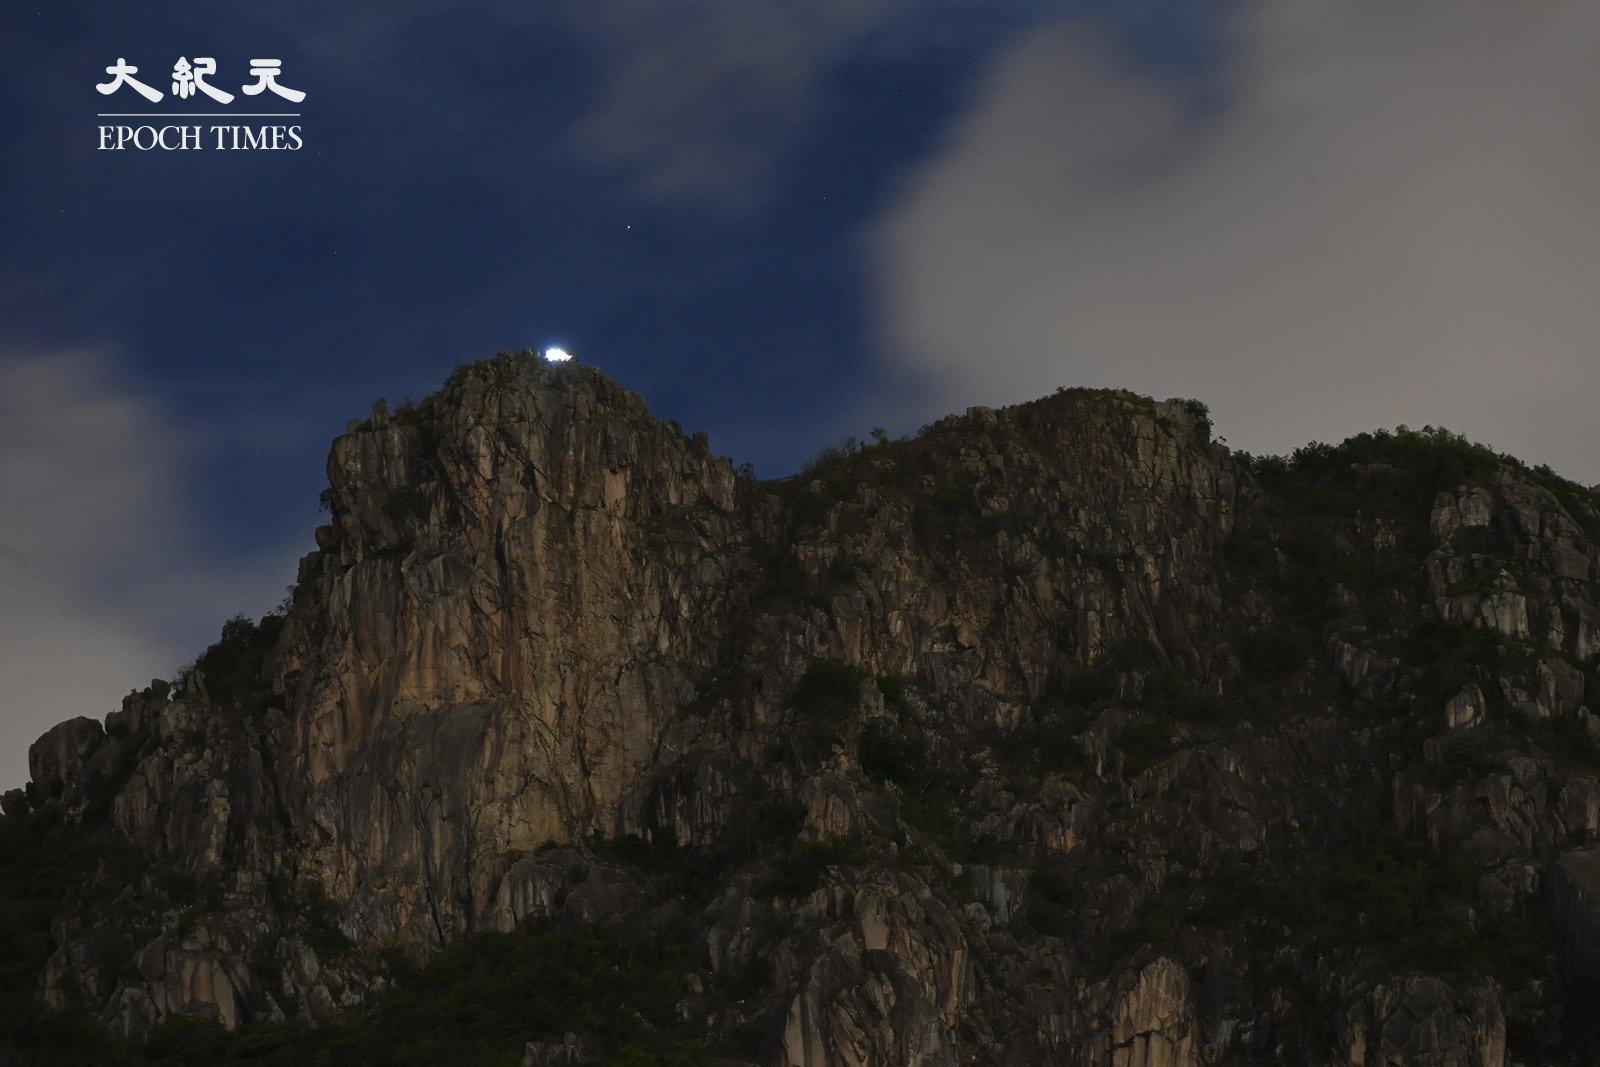 從黃大仙望上山,獅子頭上那一個亮點清晰可見。(宋碧龍/大紀元)